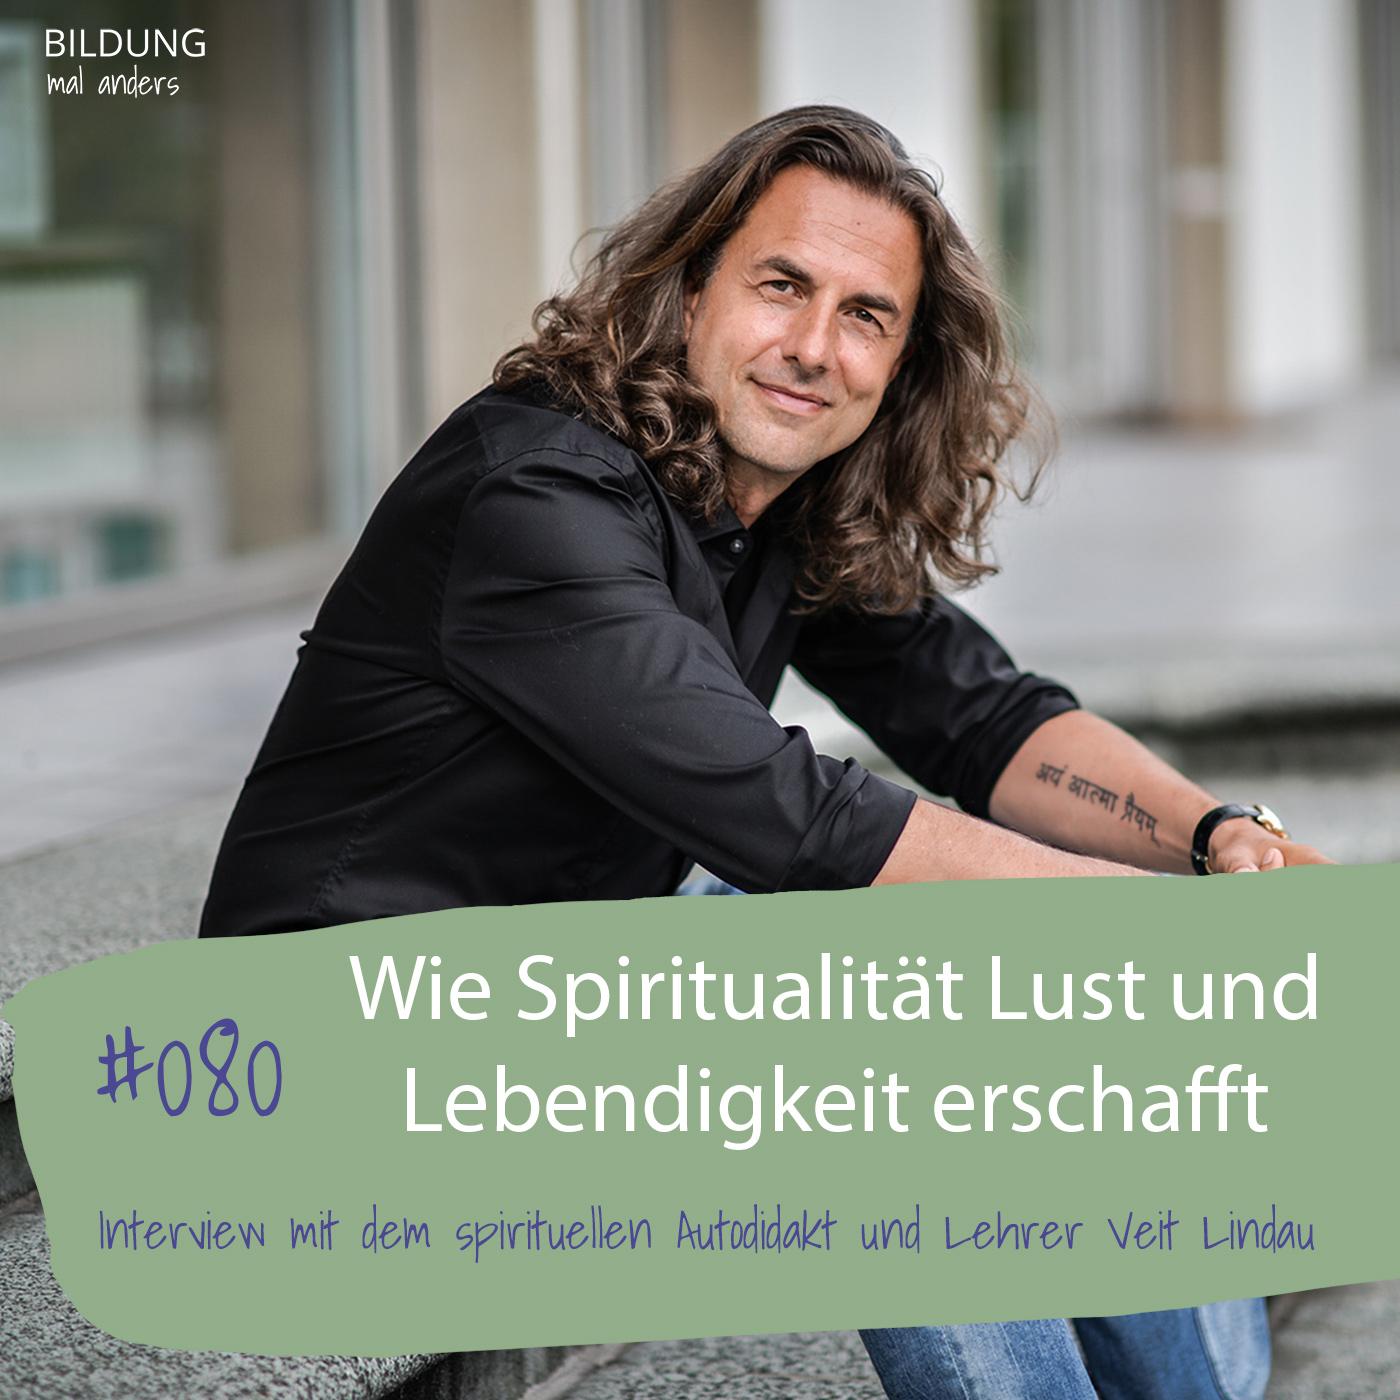 Wie Spiritualität Lust und Lebendigkeit erschafft mit Veit Lindau